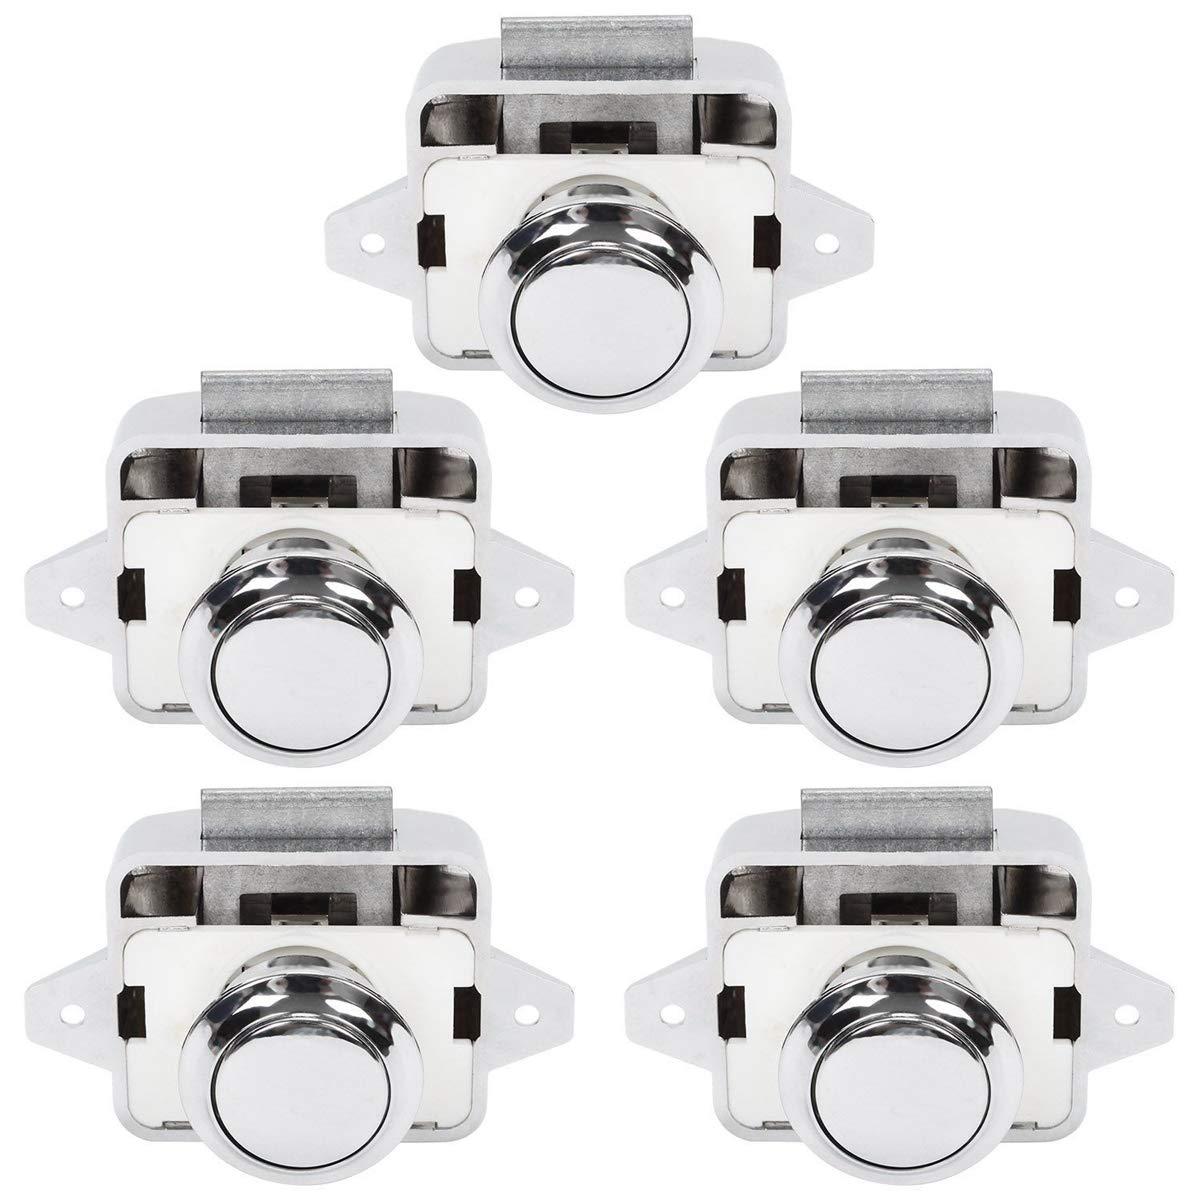 Silber OCGIG 5tlg Cabinet Lock Schaltfl/ächentyp Schl/össer f/ür Wohnwagen Wohnmobil Schrankknauf